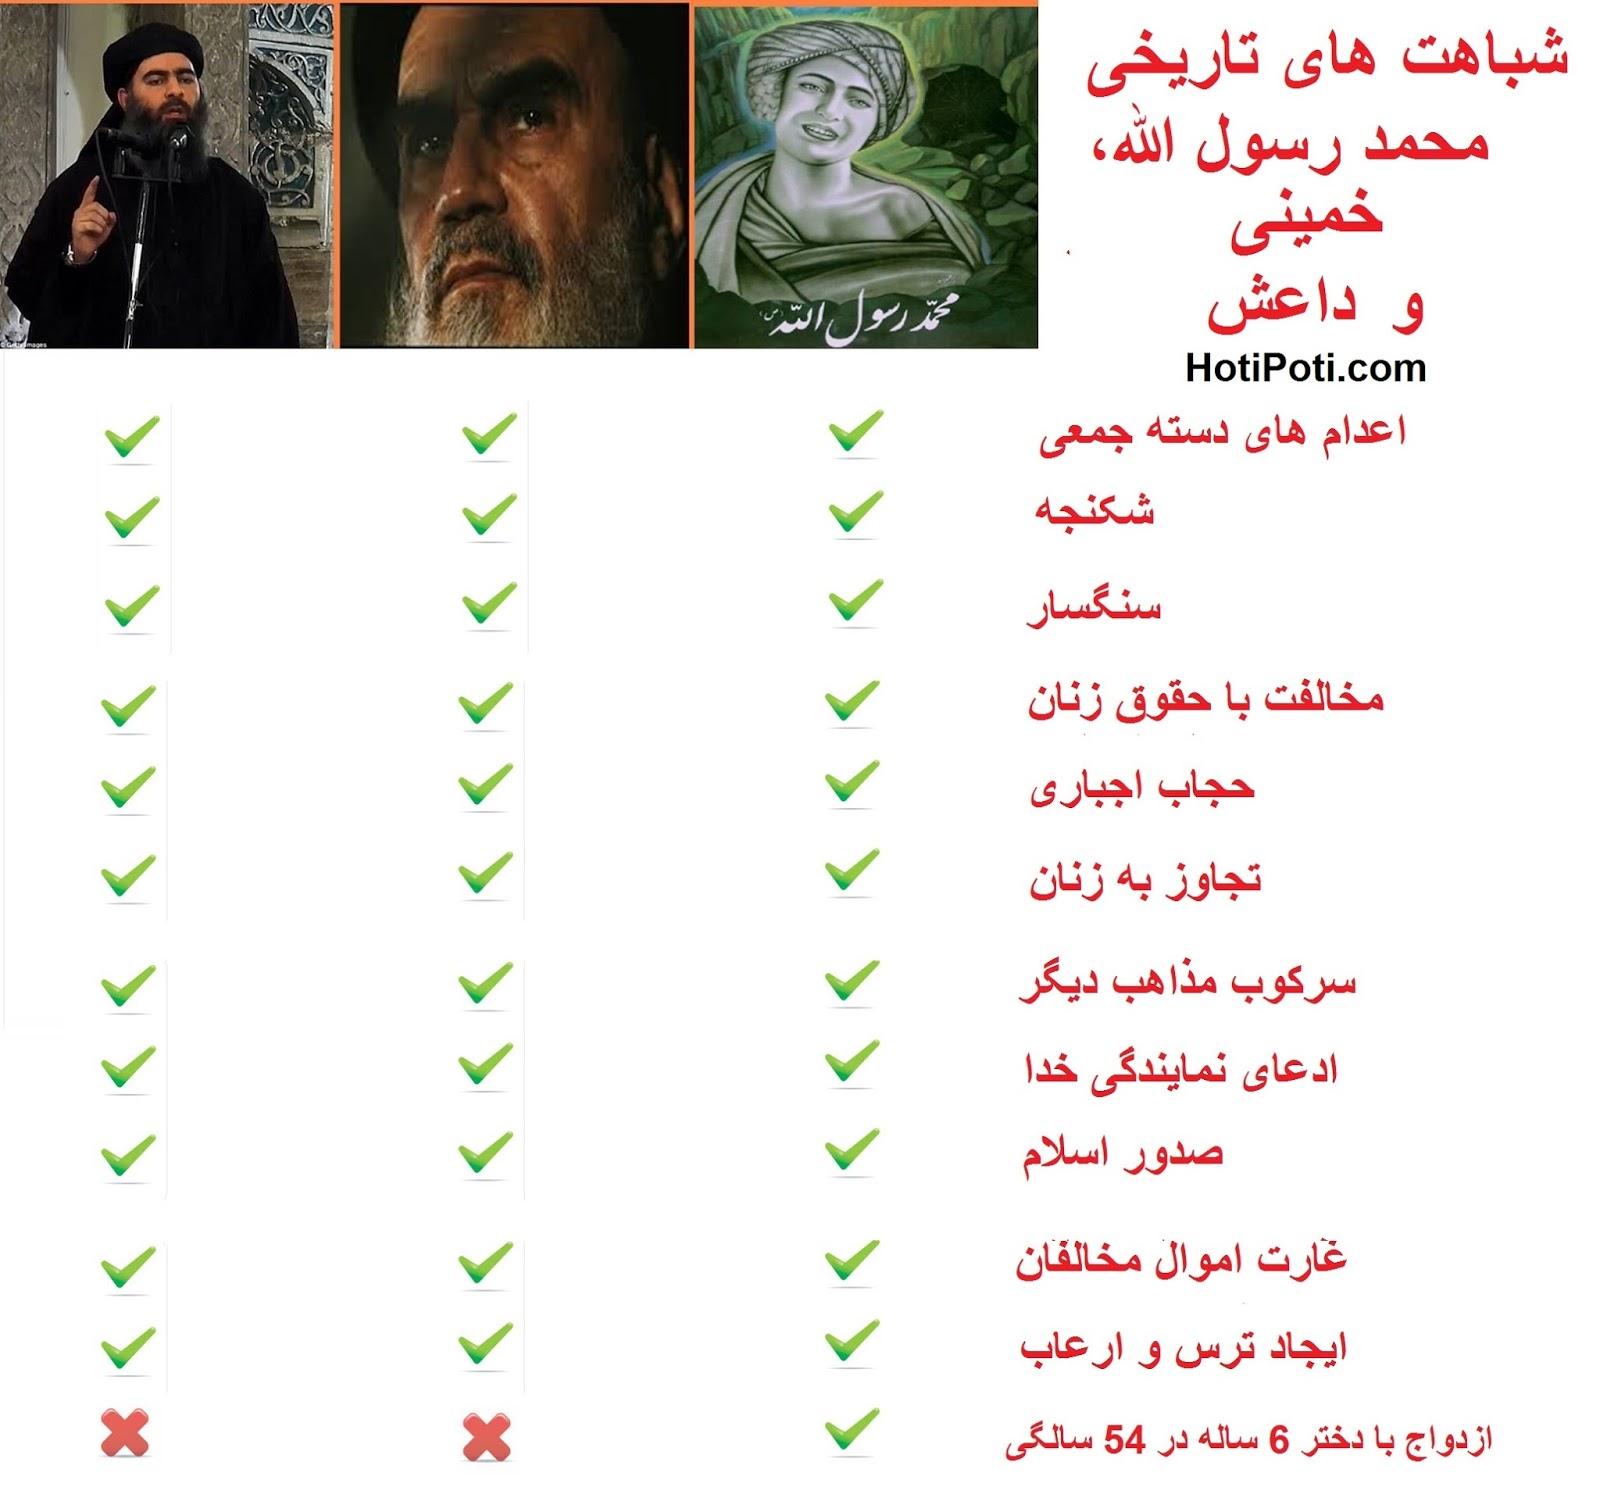 شباهت های پیامبر اسلام، خمینی و داعش به زبان تصویر